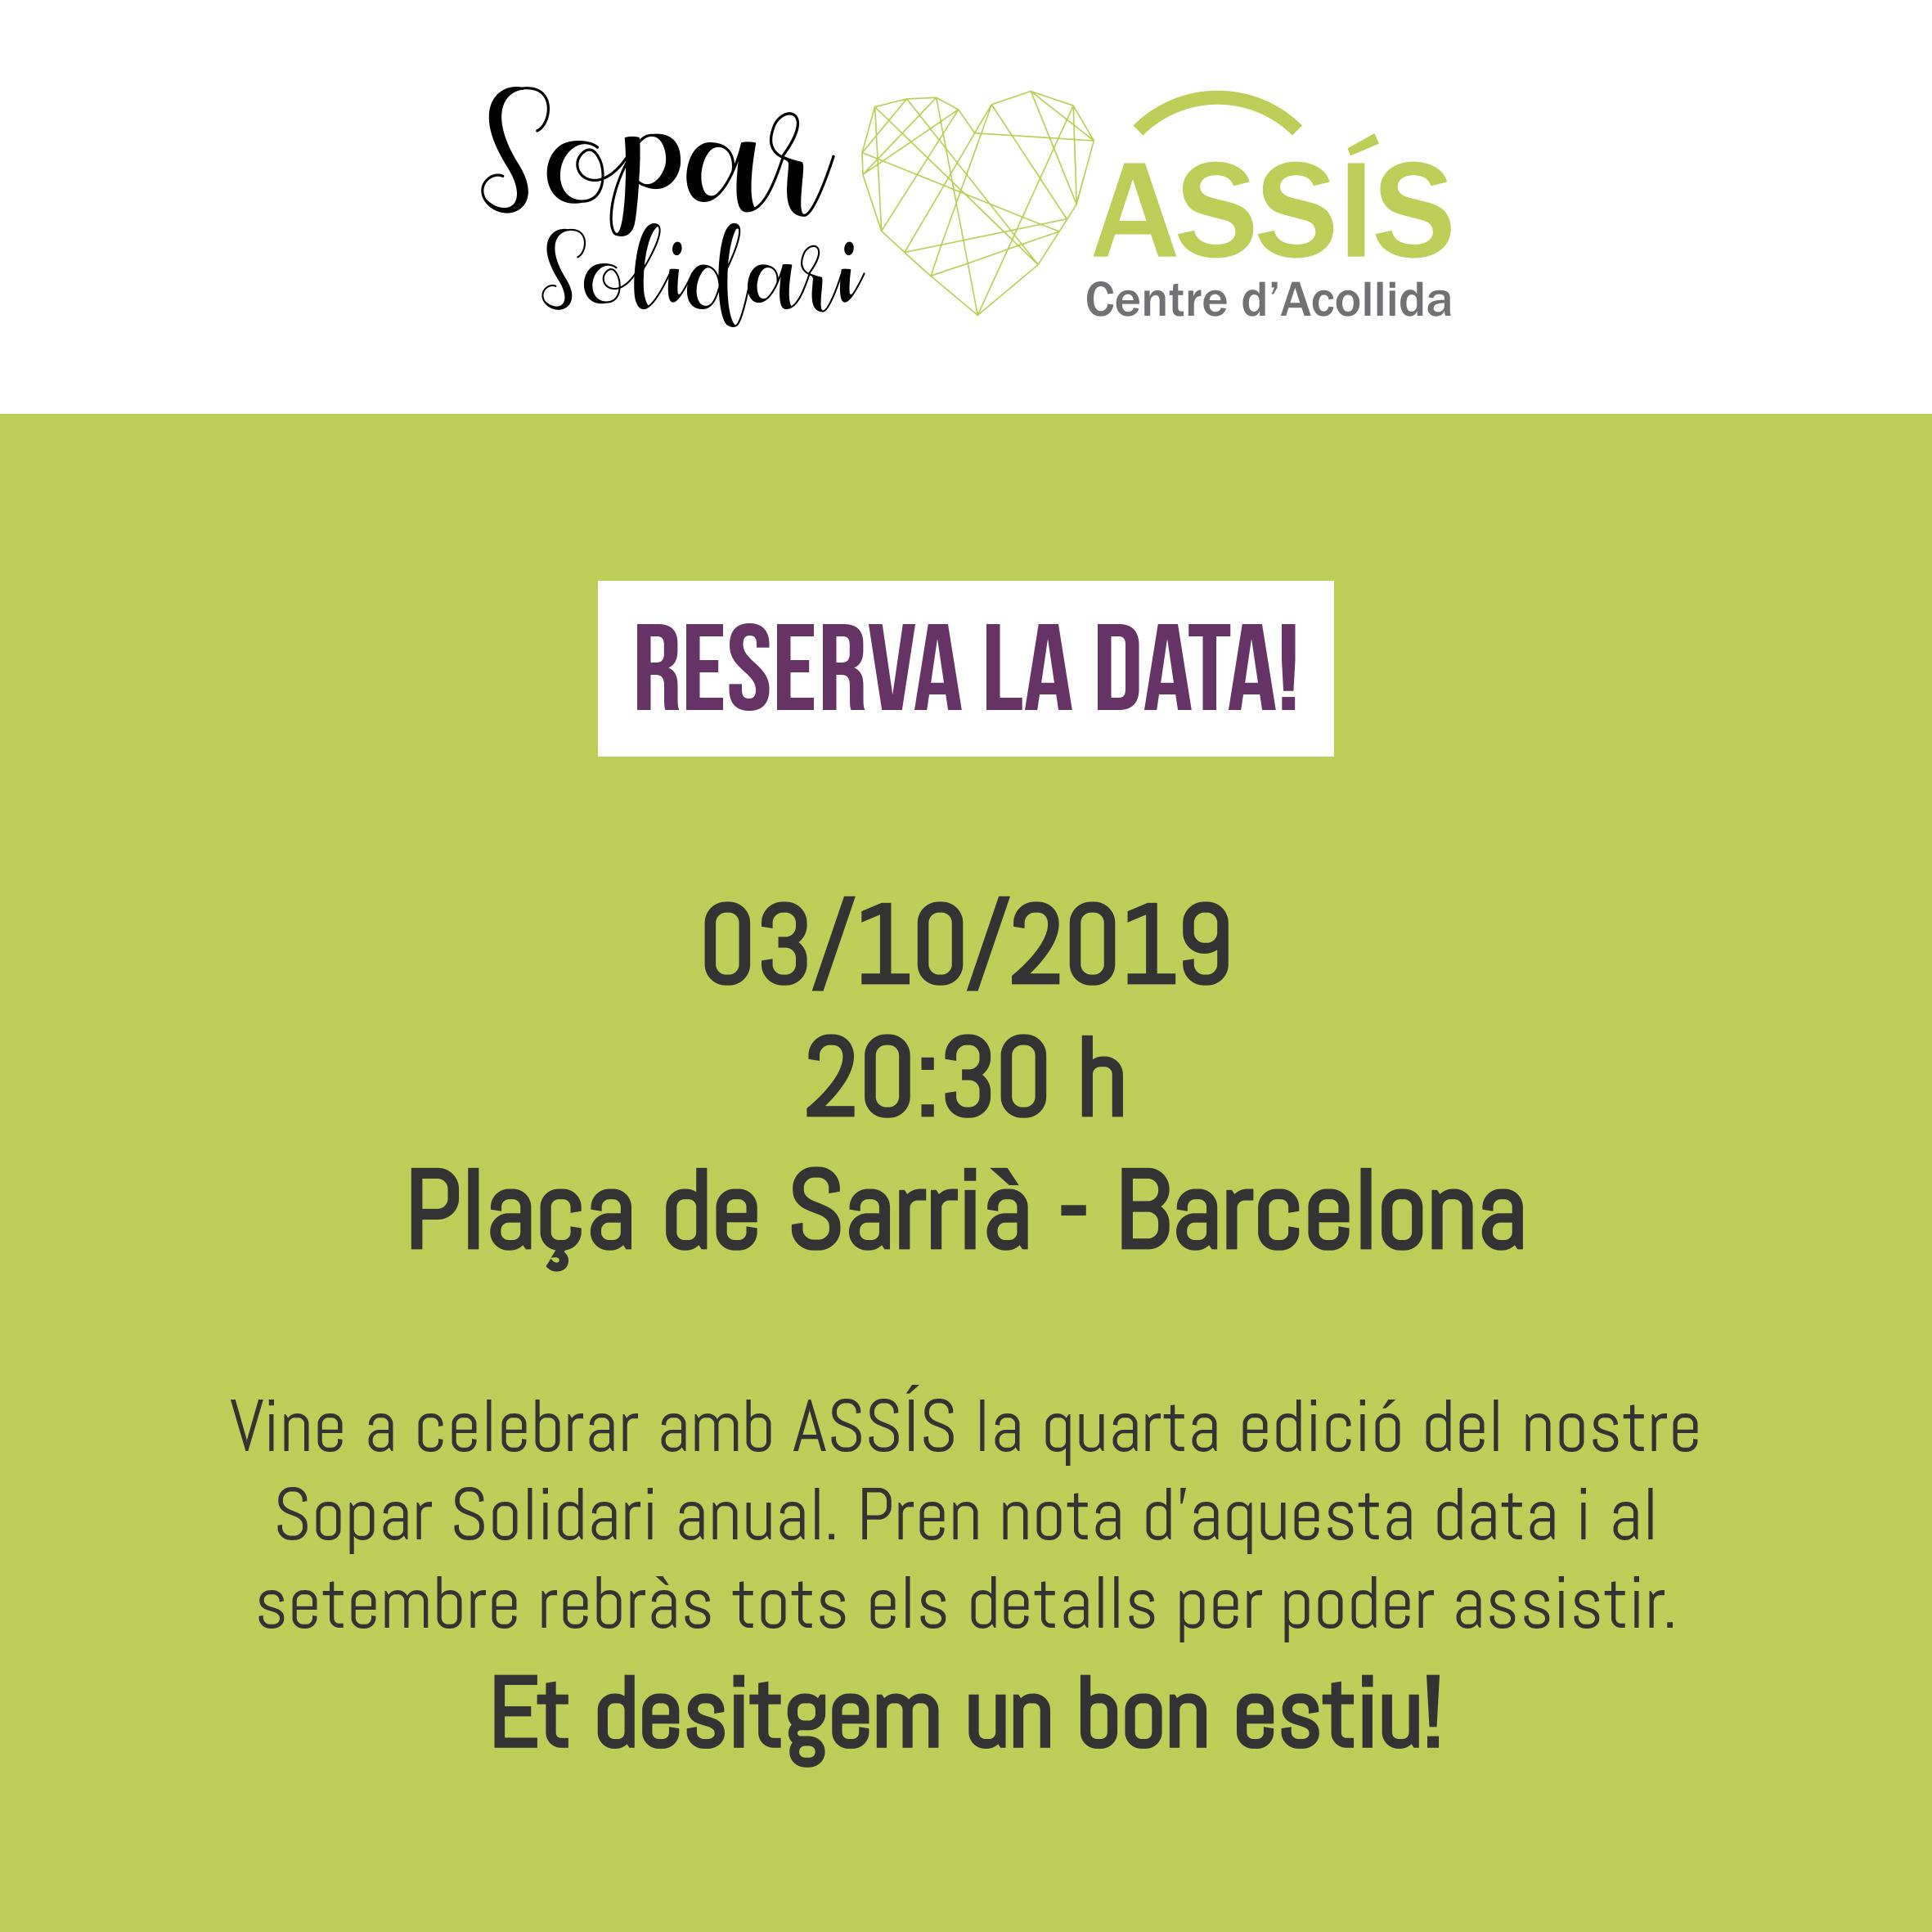 Save-the-date_4t-SOPAR-SOLIDARI_ASSIS-Centre-Acollida-v3.jpg